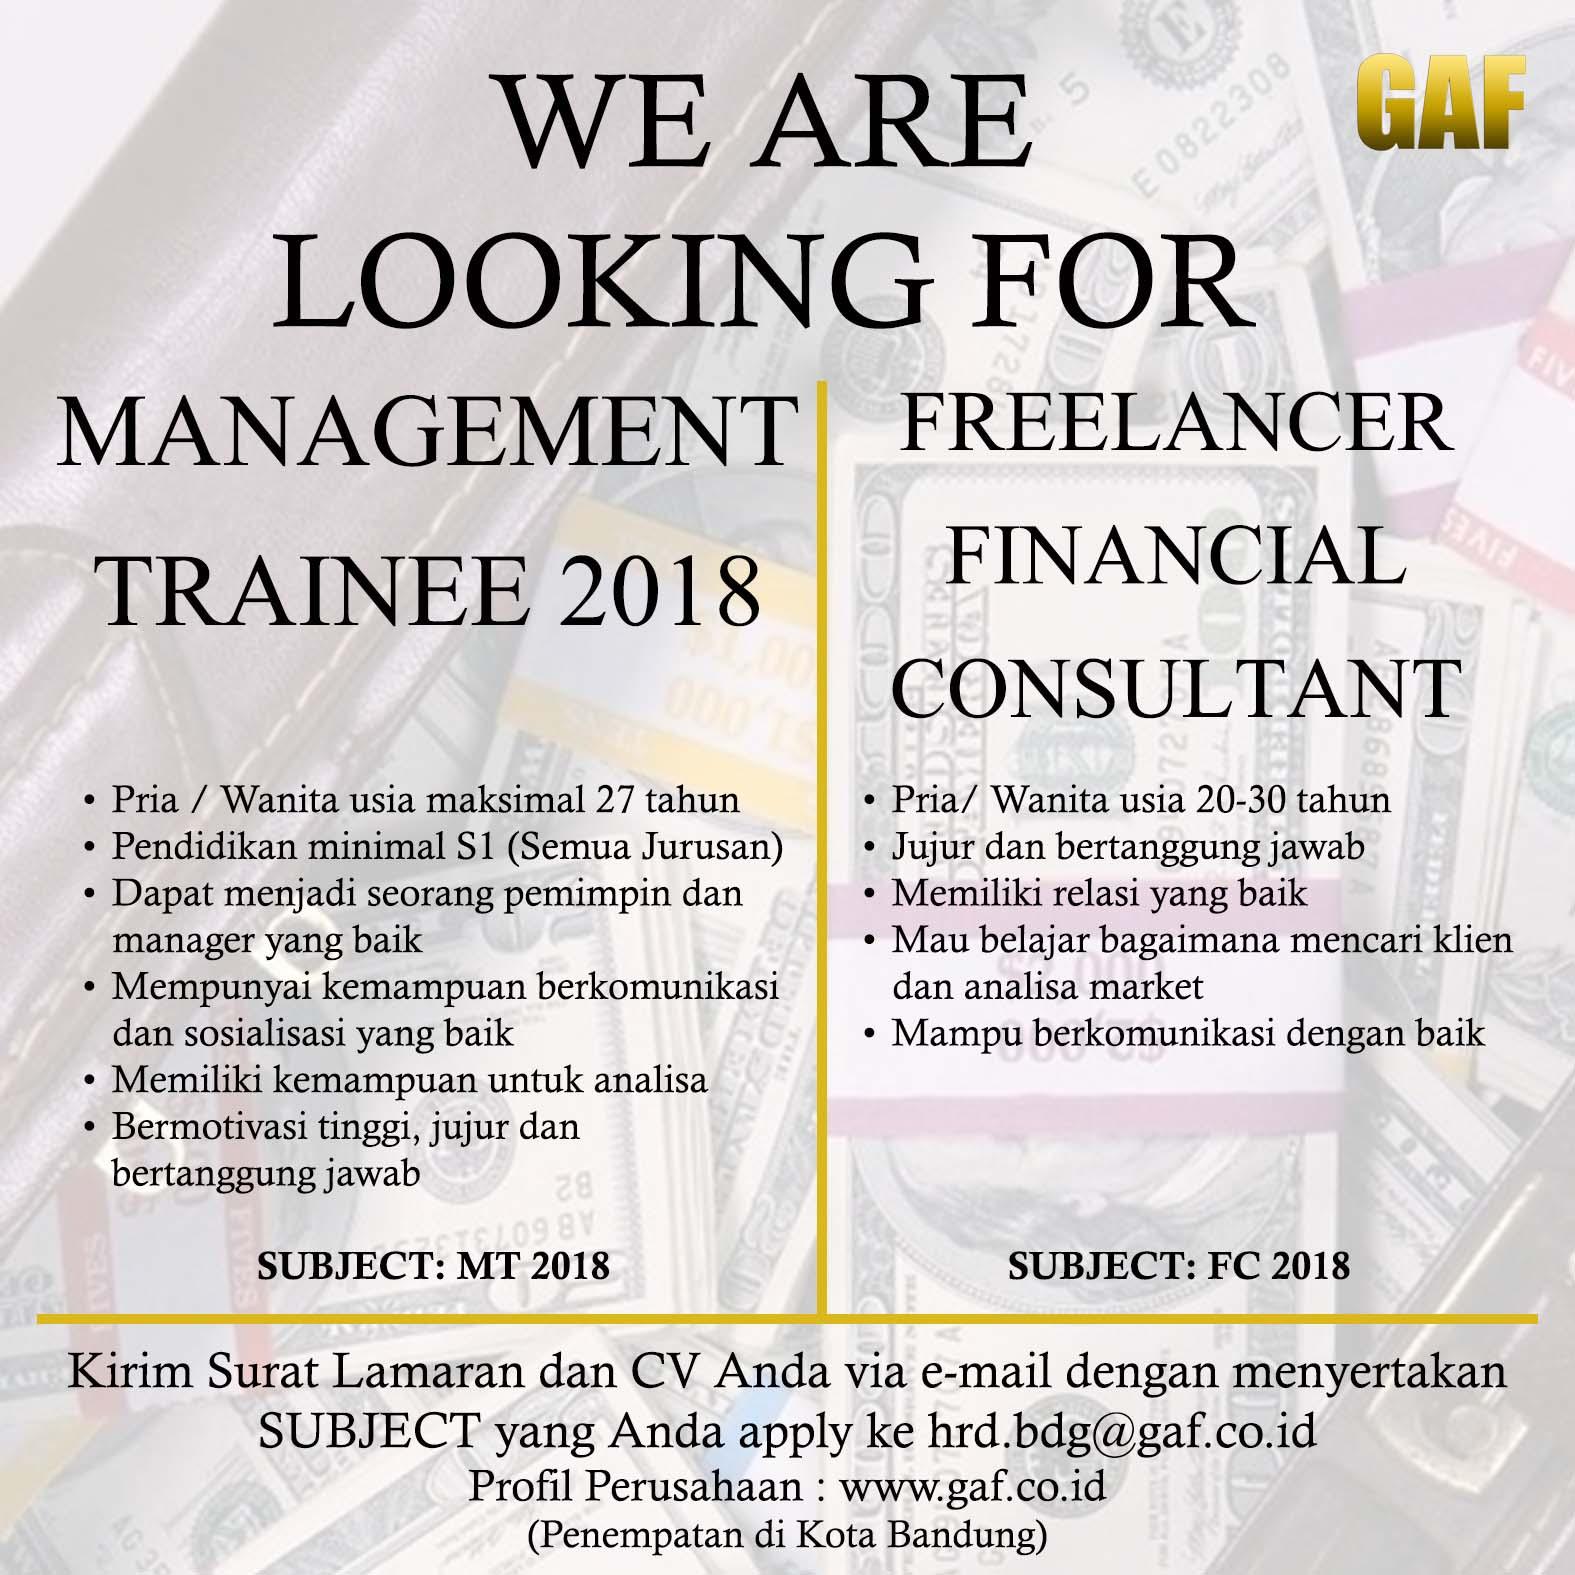 Lowongan Kerja PT. GAF Bandung Maret 2018